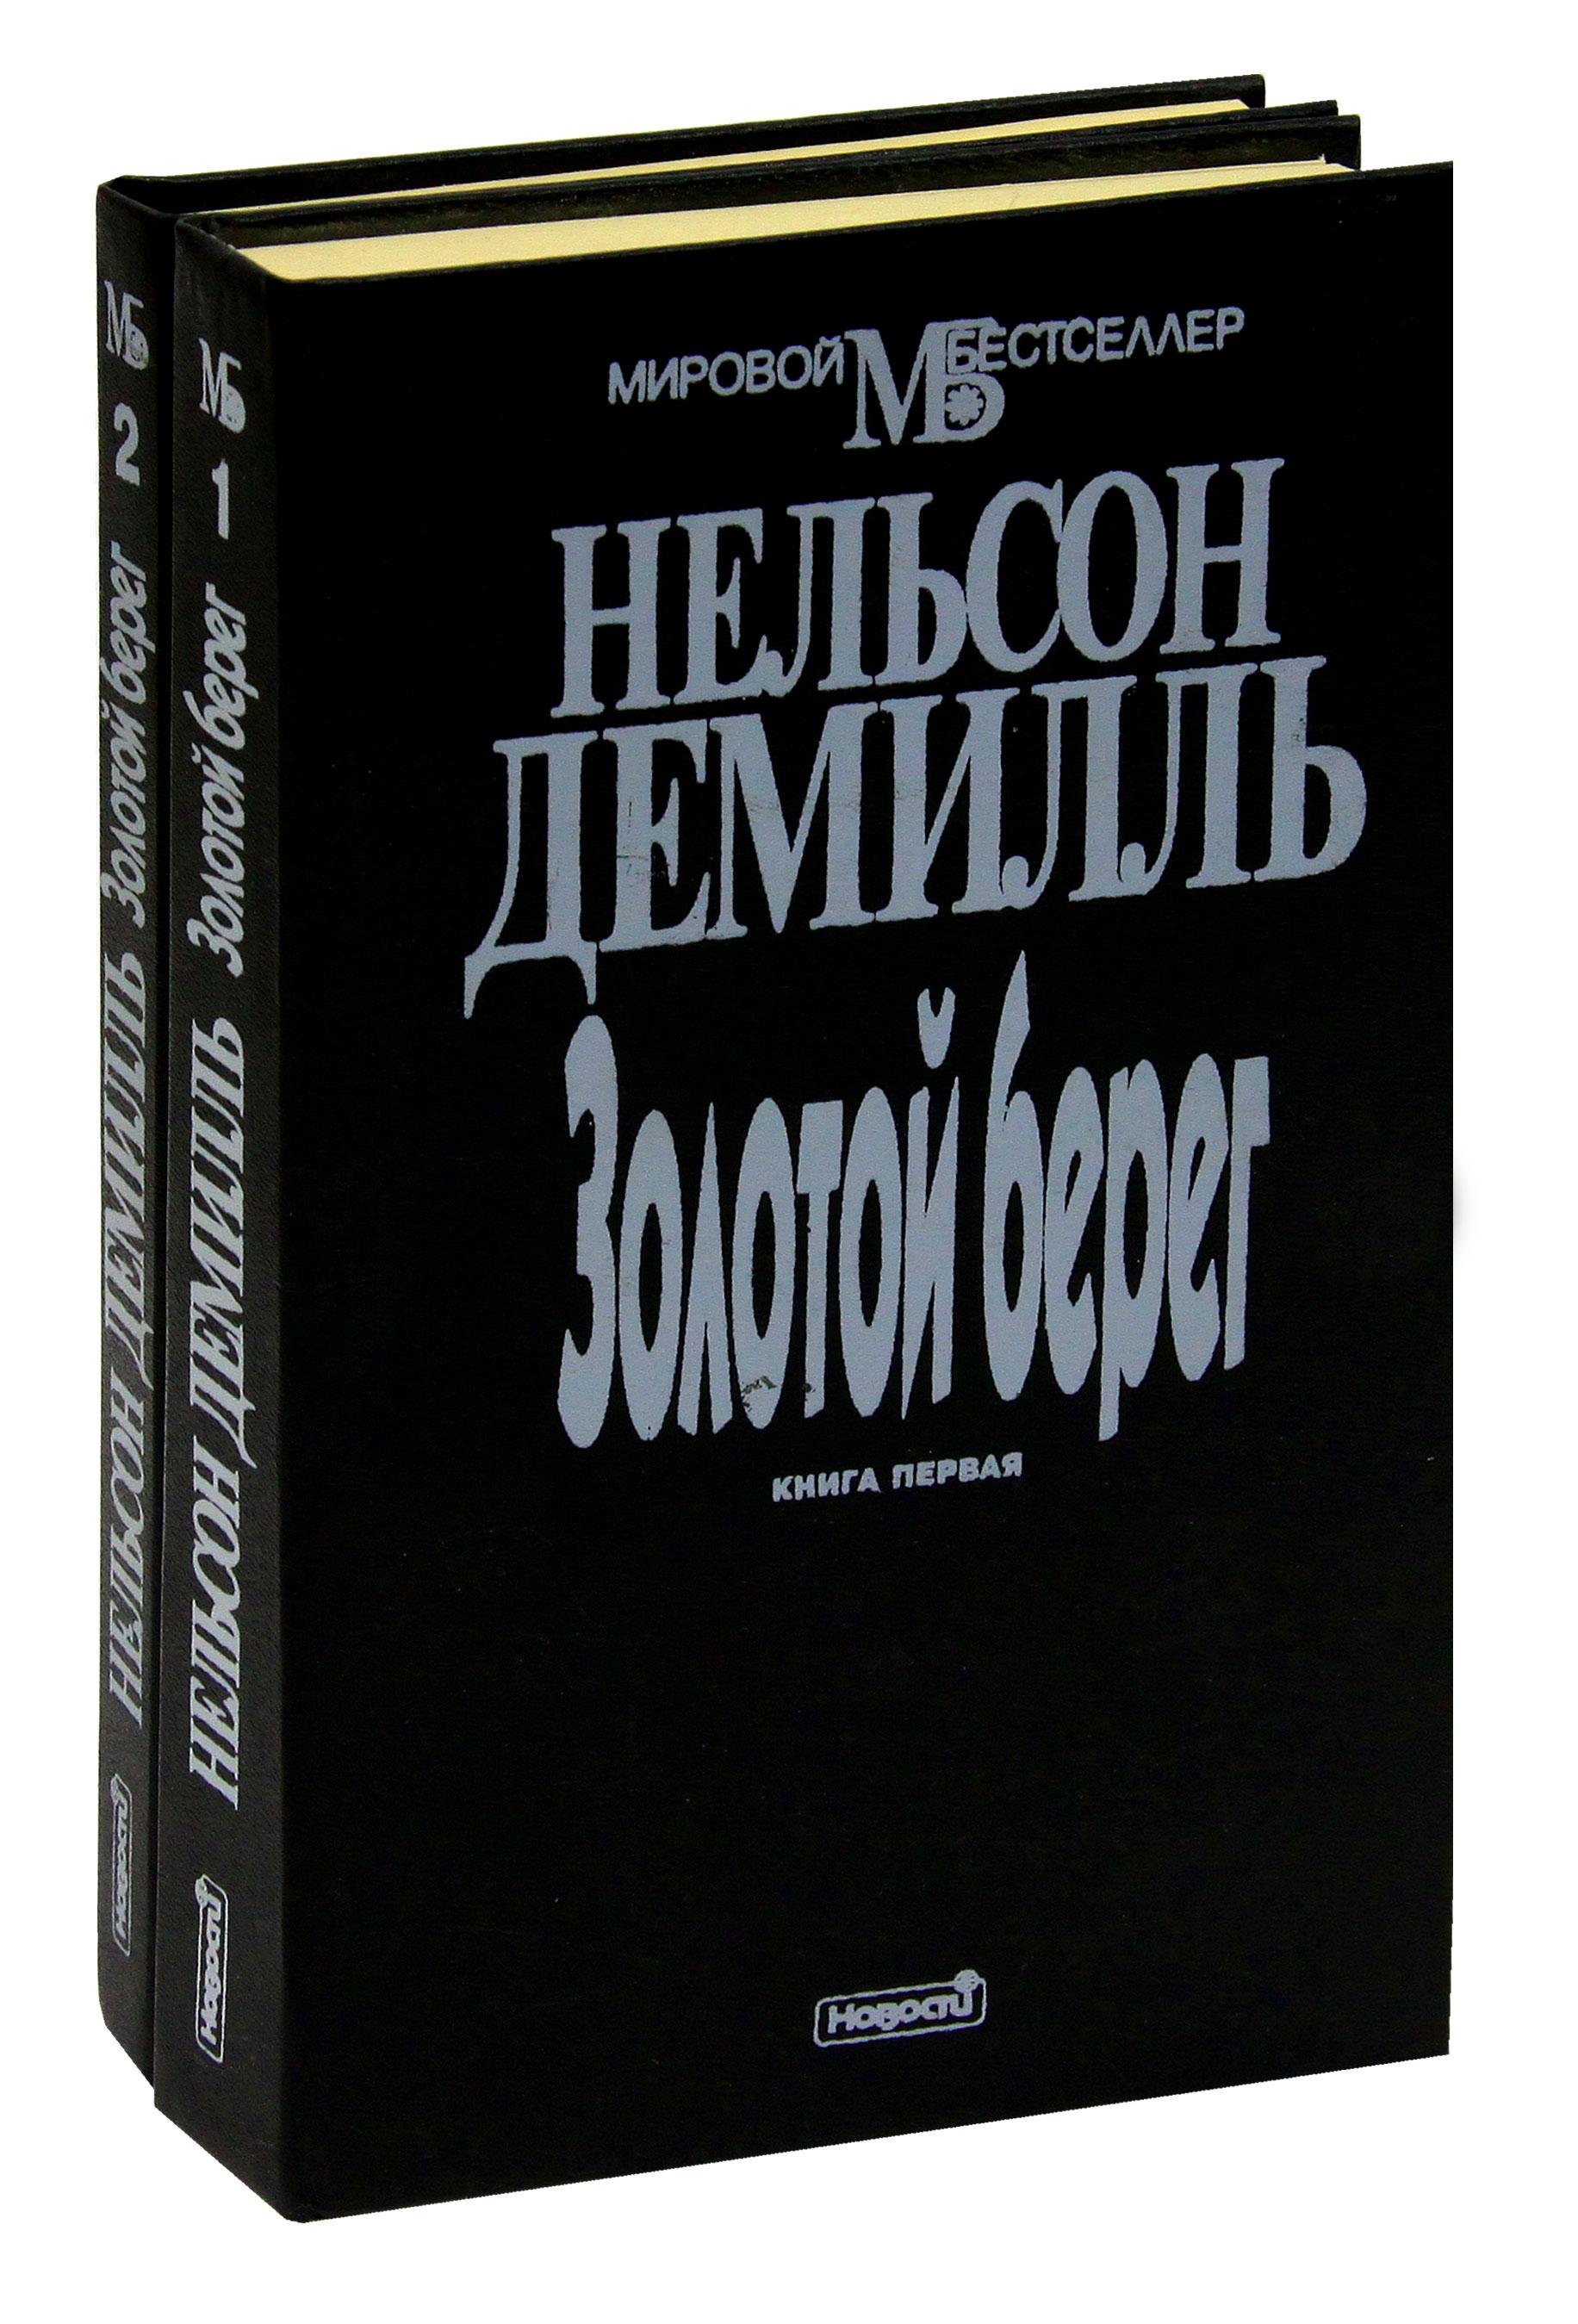 Нельсон Демилль Золотой берег (комплект из 2 книг)